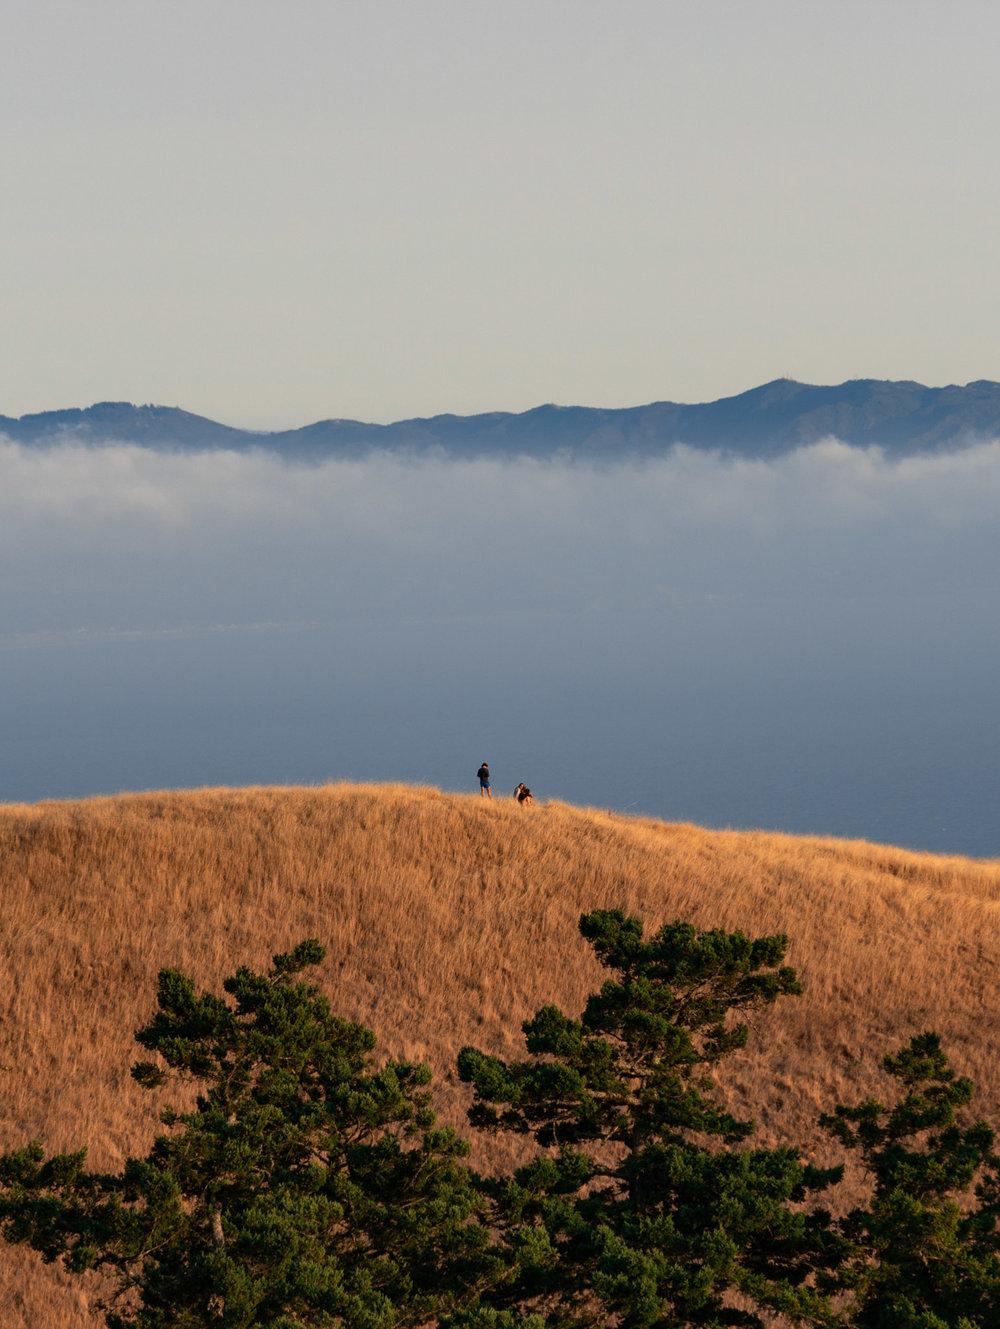 amaris-woo-photography-mount-tamalpais-marin-county